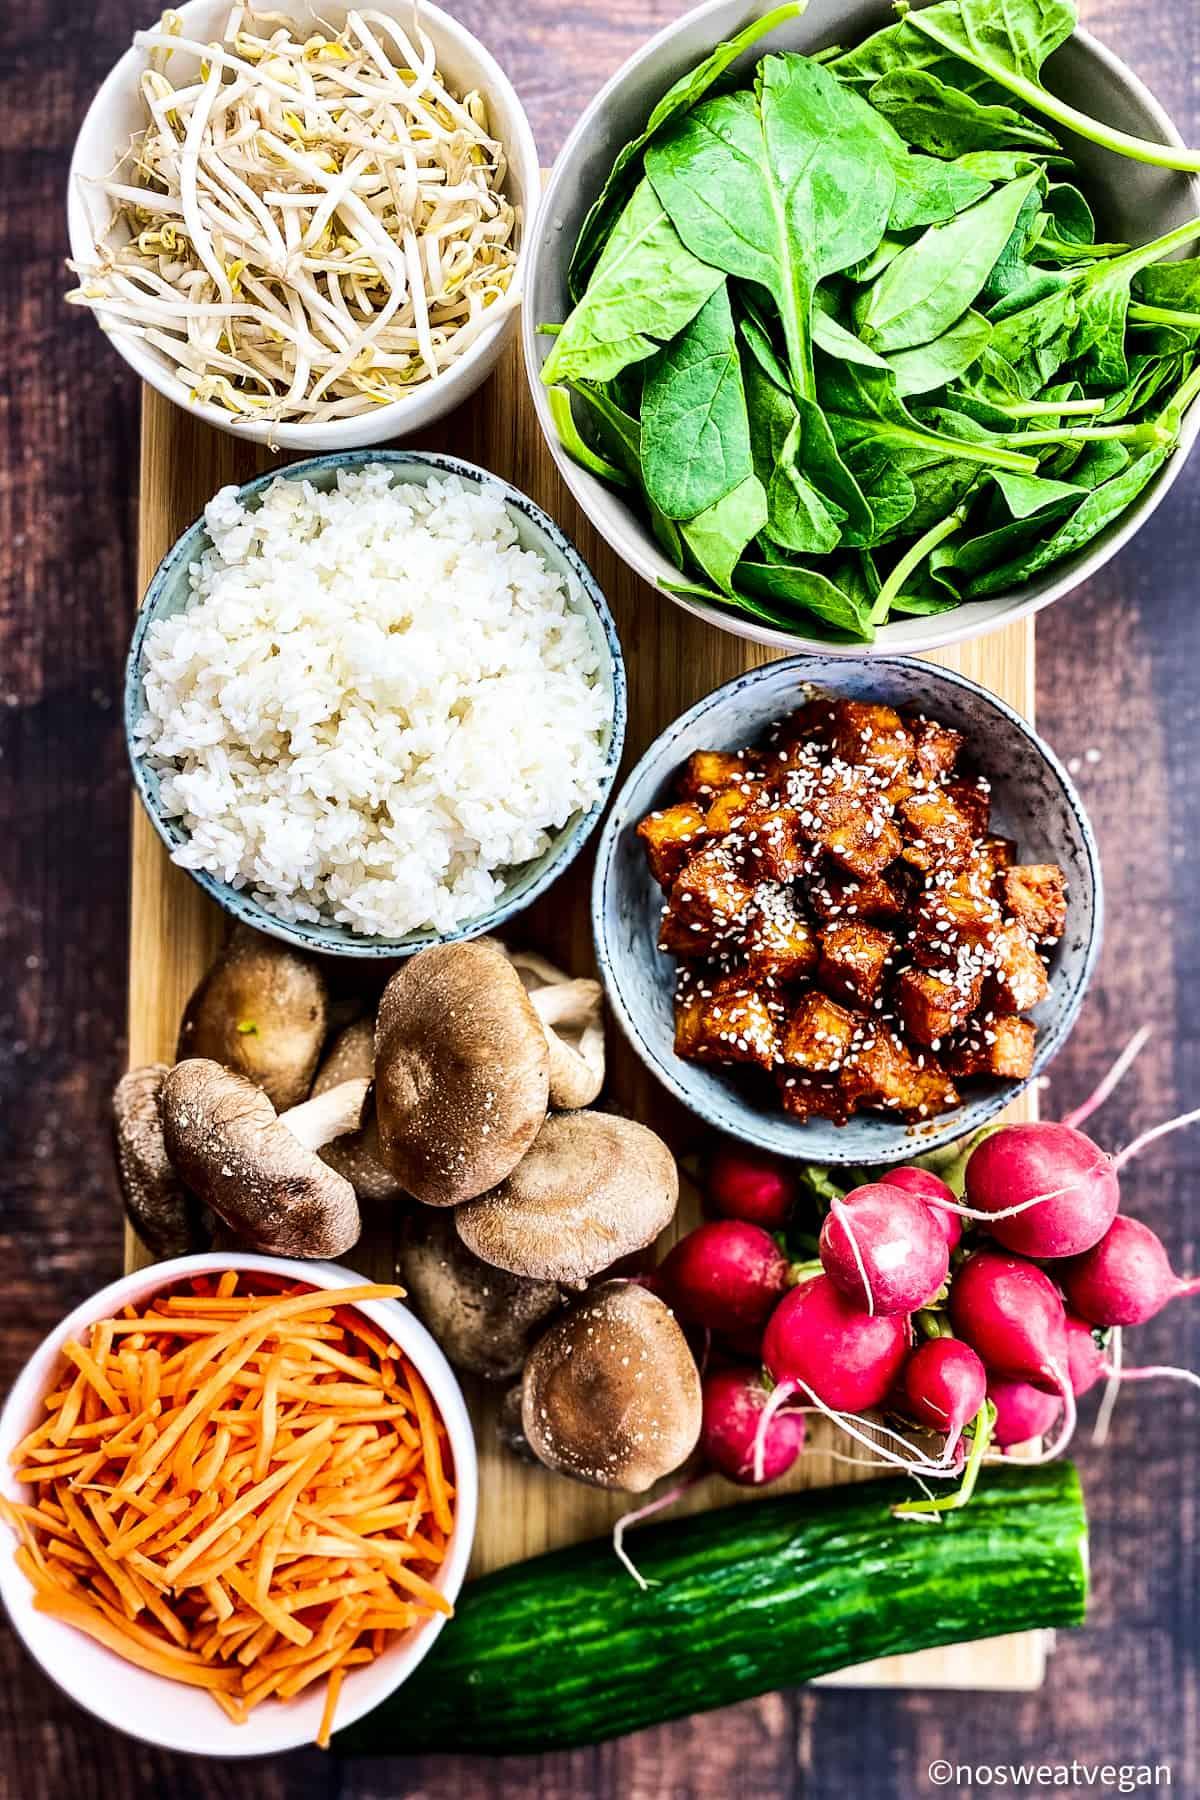 Vegan ingredients for bibimbap.